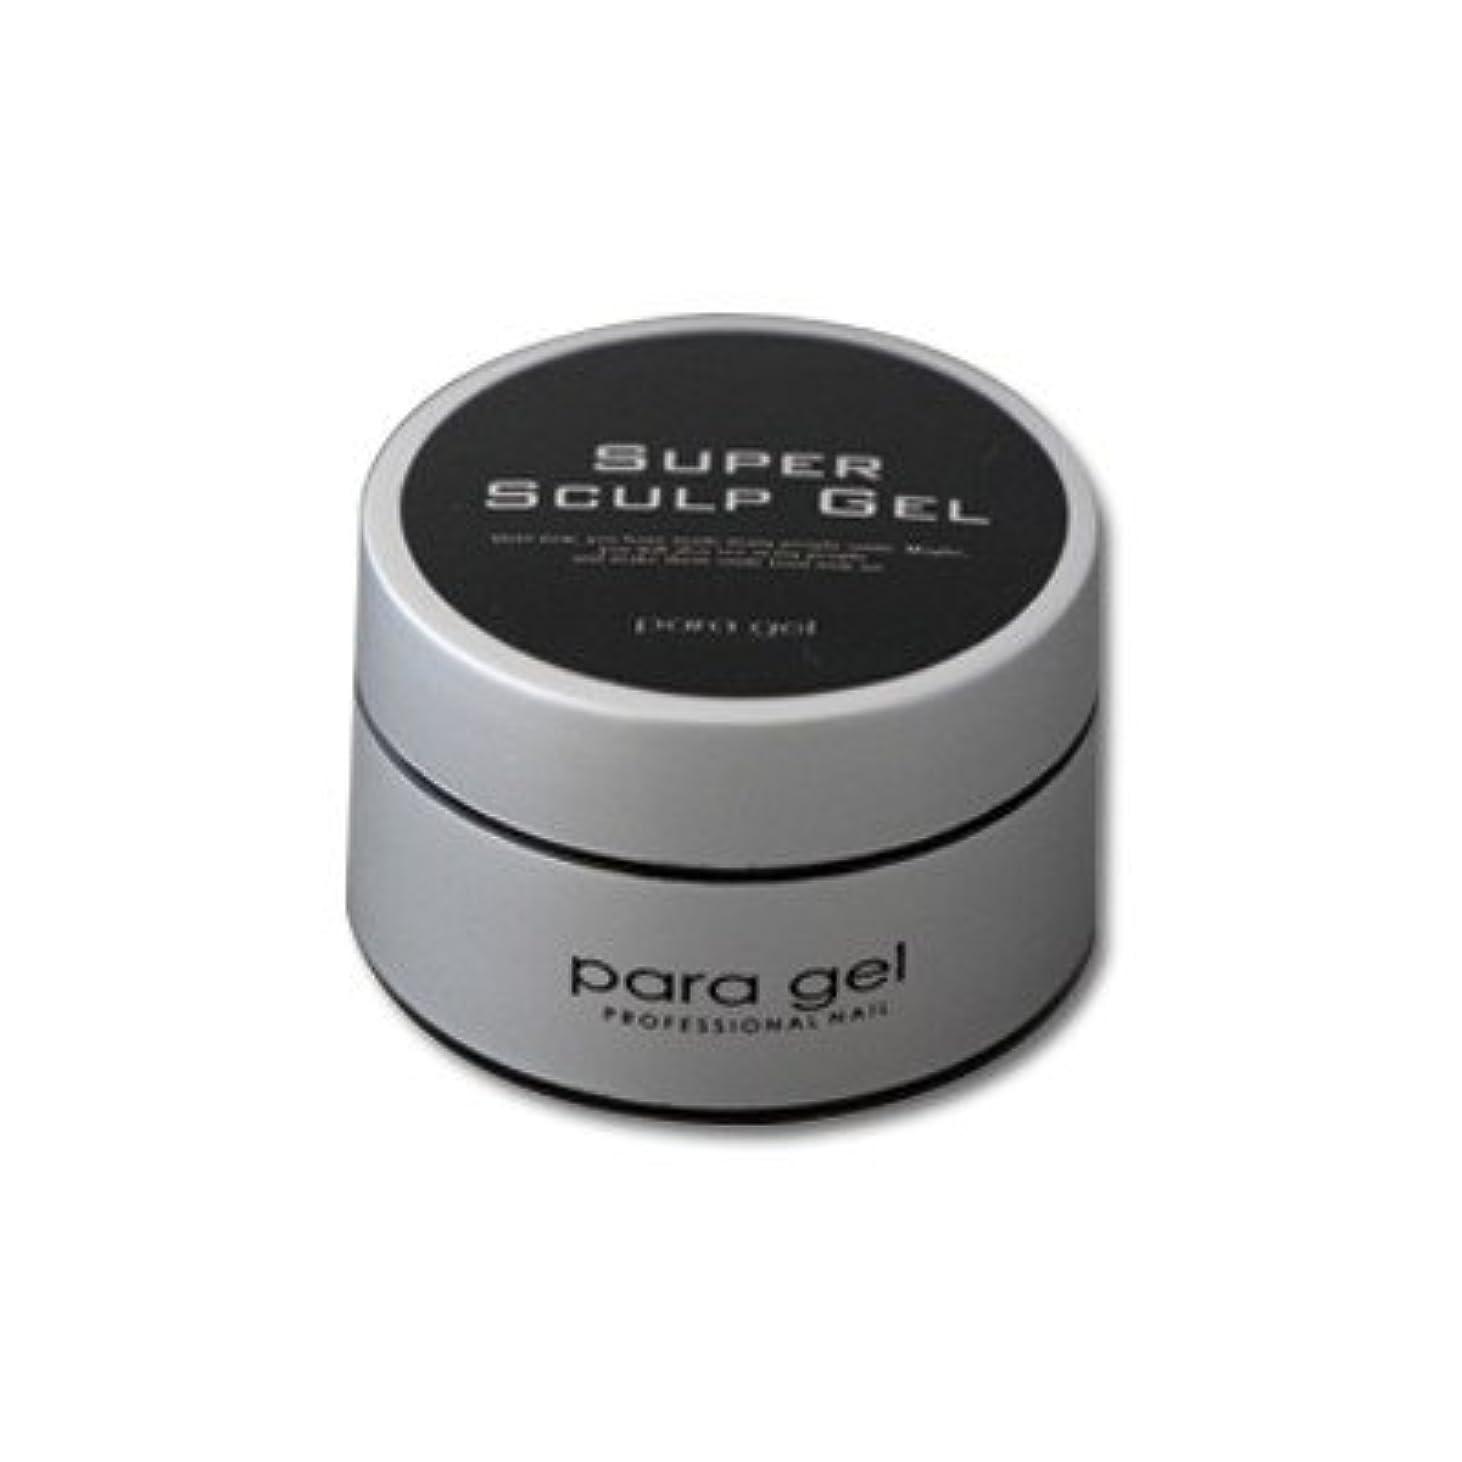 ありがたい悪用爆発para gel(パラジェル) スーパースカルプジェル 10g